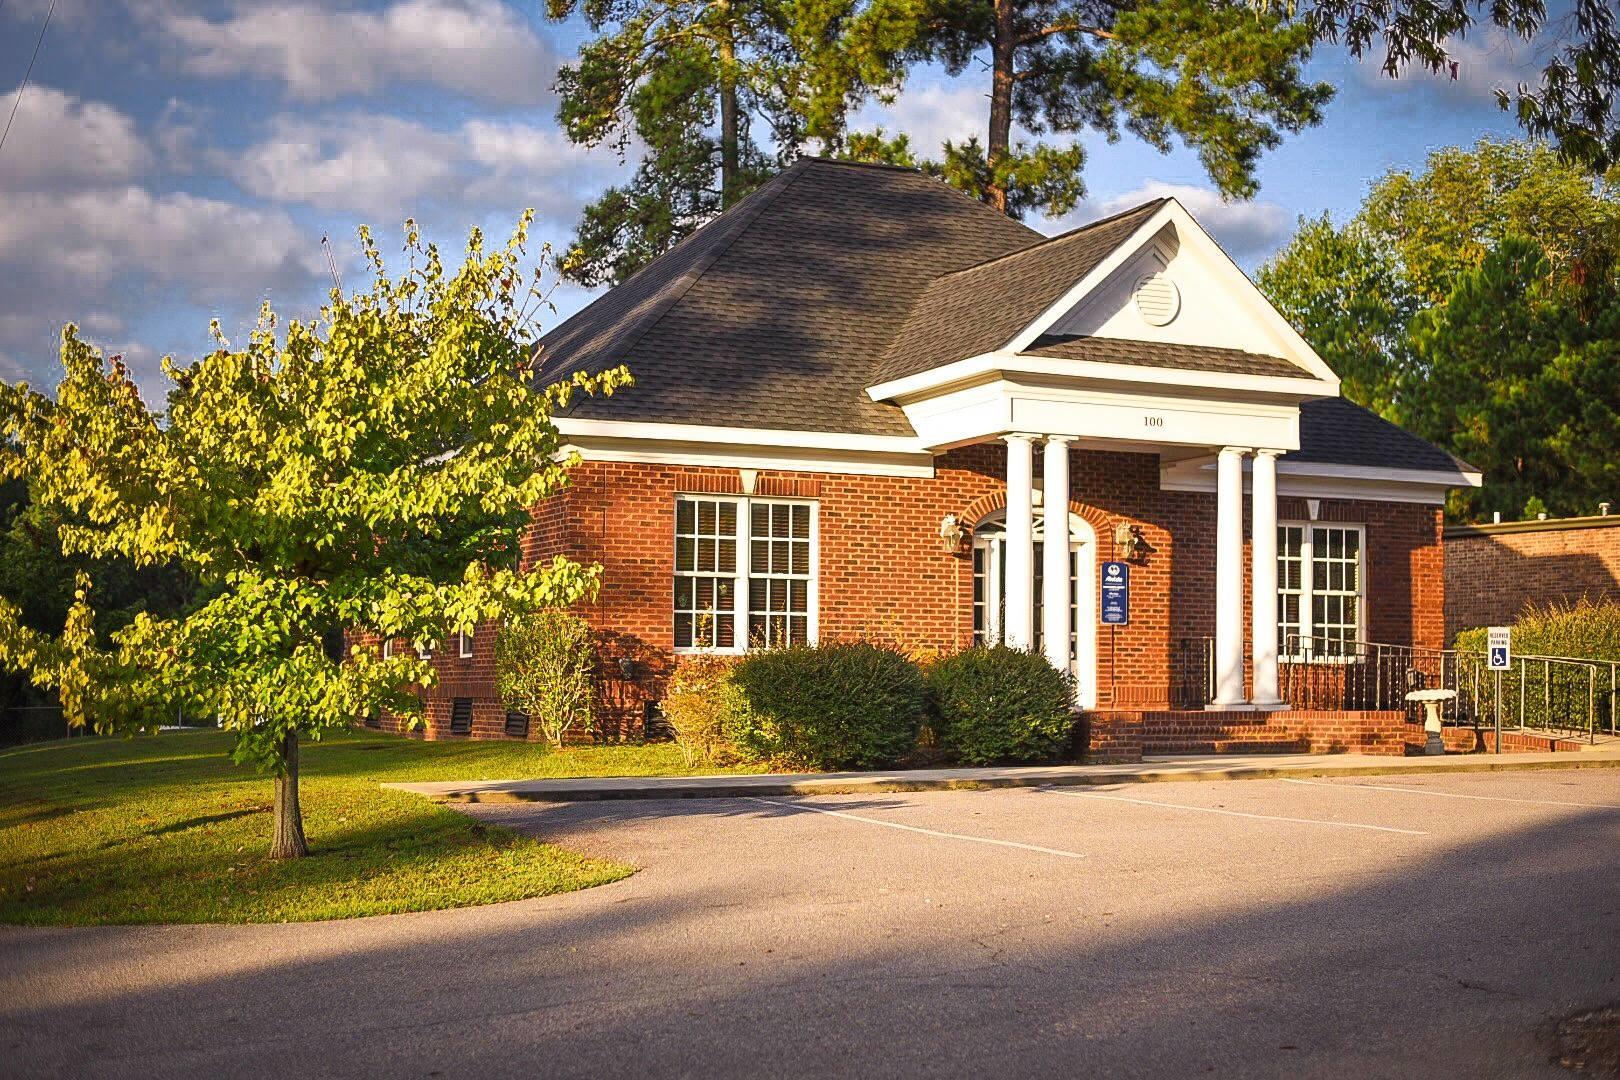 Allstate | Car Insurance in Irmo, SC - Alex Salmon